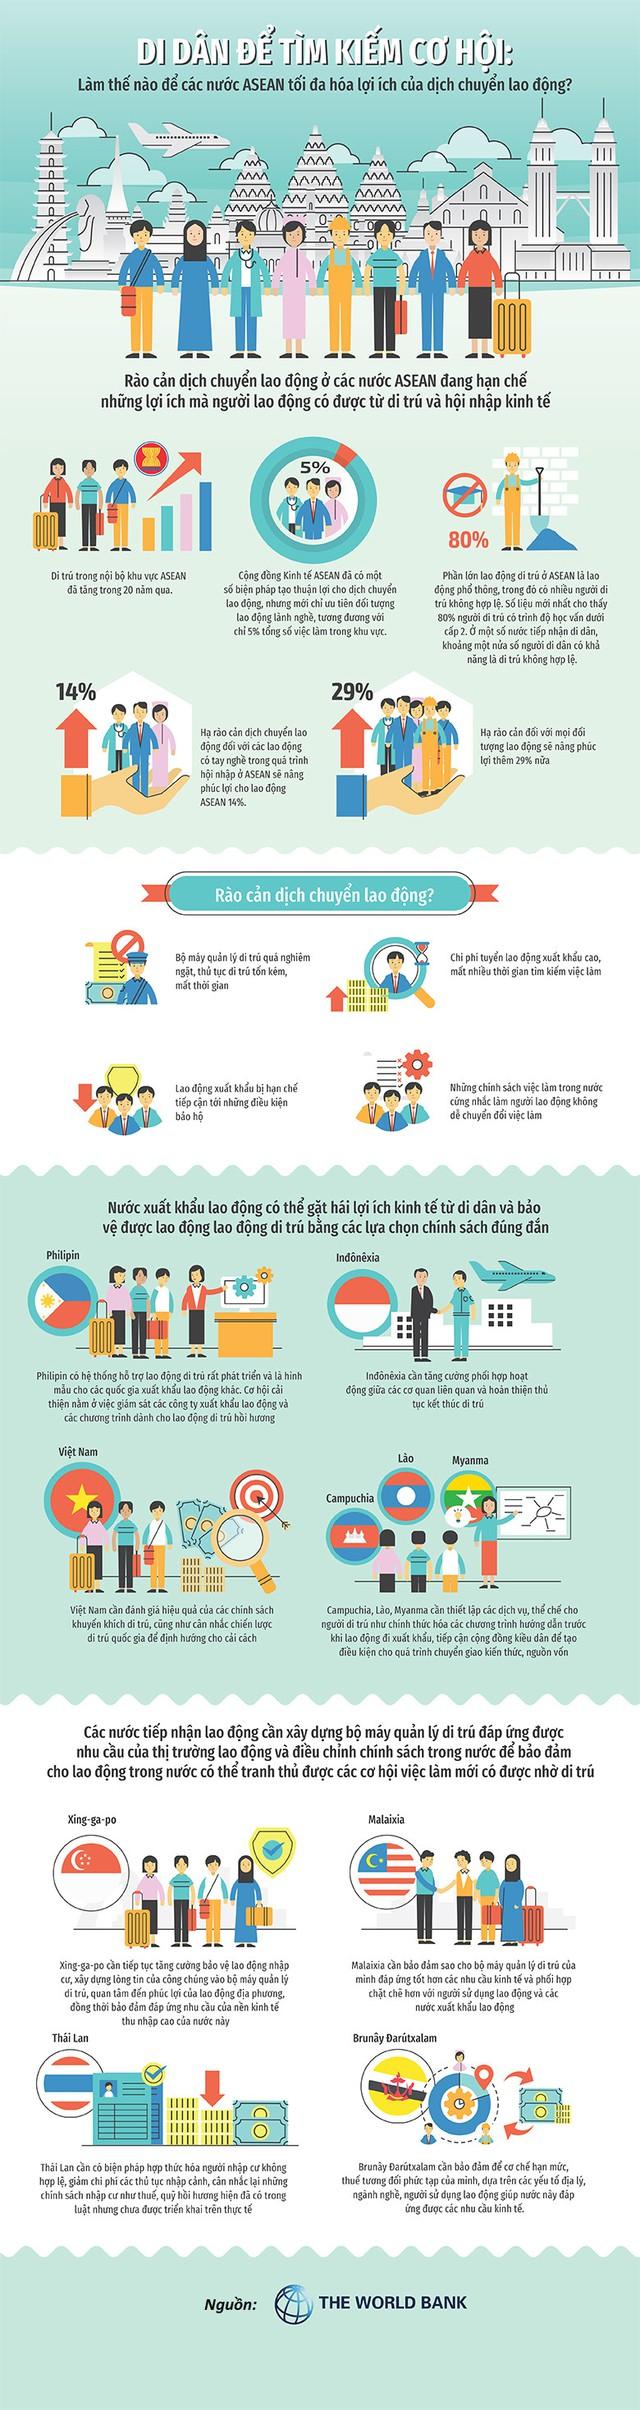 [Infographic] Khuyến khích xuất khẩu lao động giúp gia tăng lượng kiều hối - Ảnh 1.